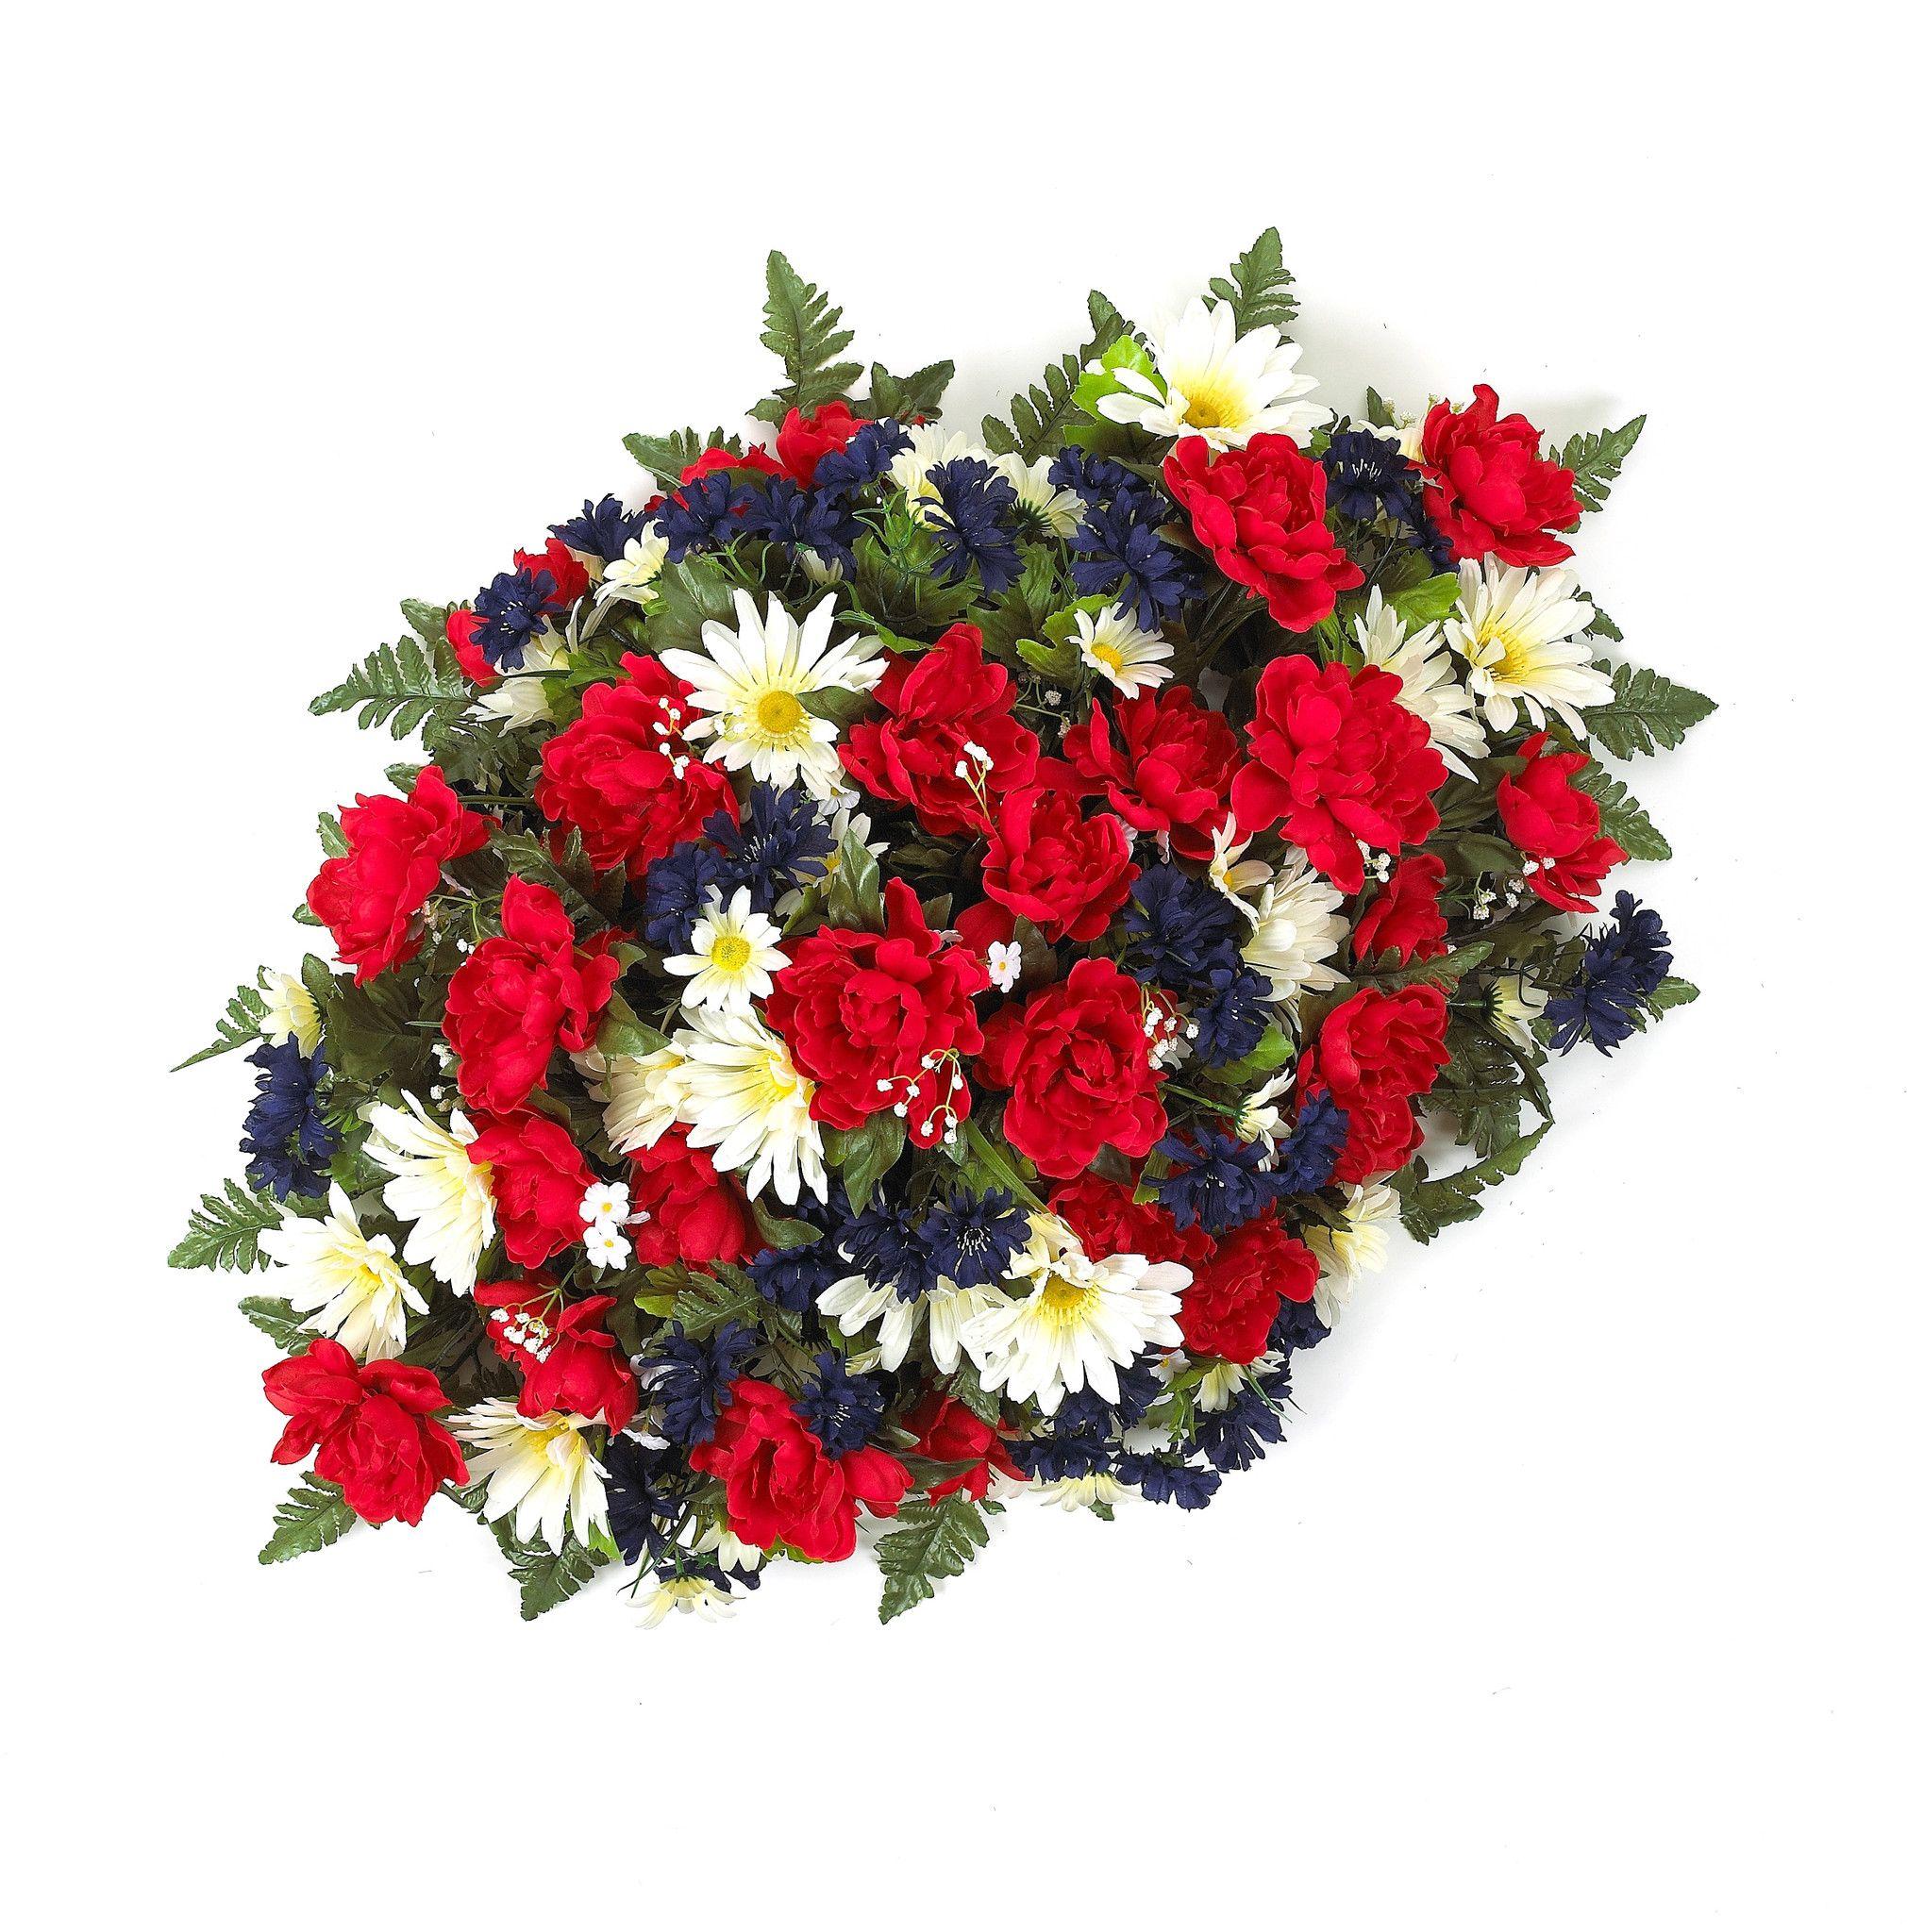 Premium mixed peony headstone spray with redwhiteblue flowers premium mixed peony headstone spray with redwhiteblue flowers izmirmasajfo Gallery